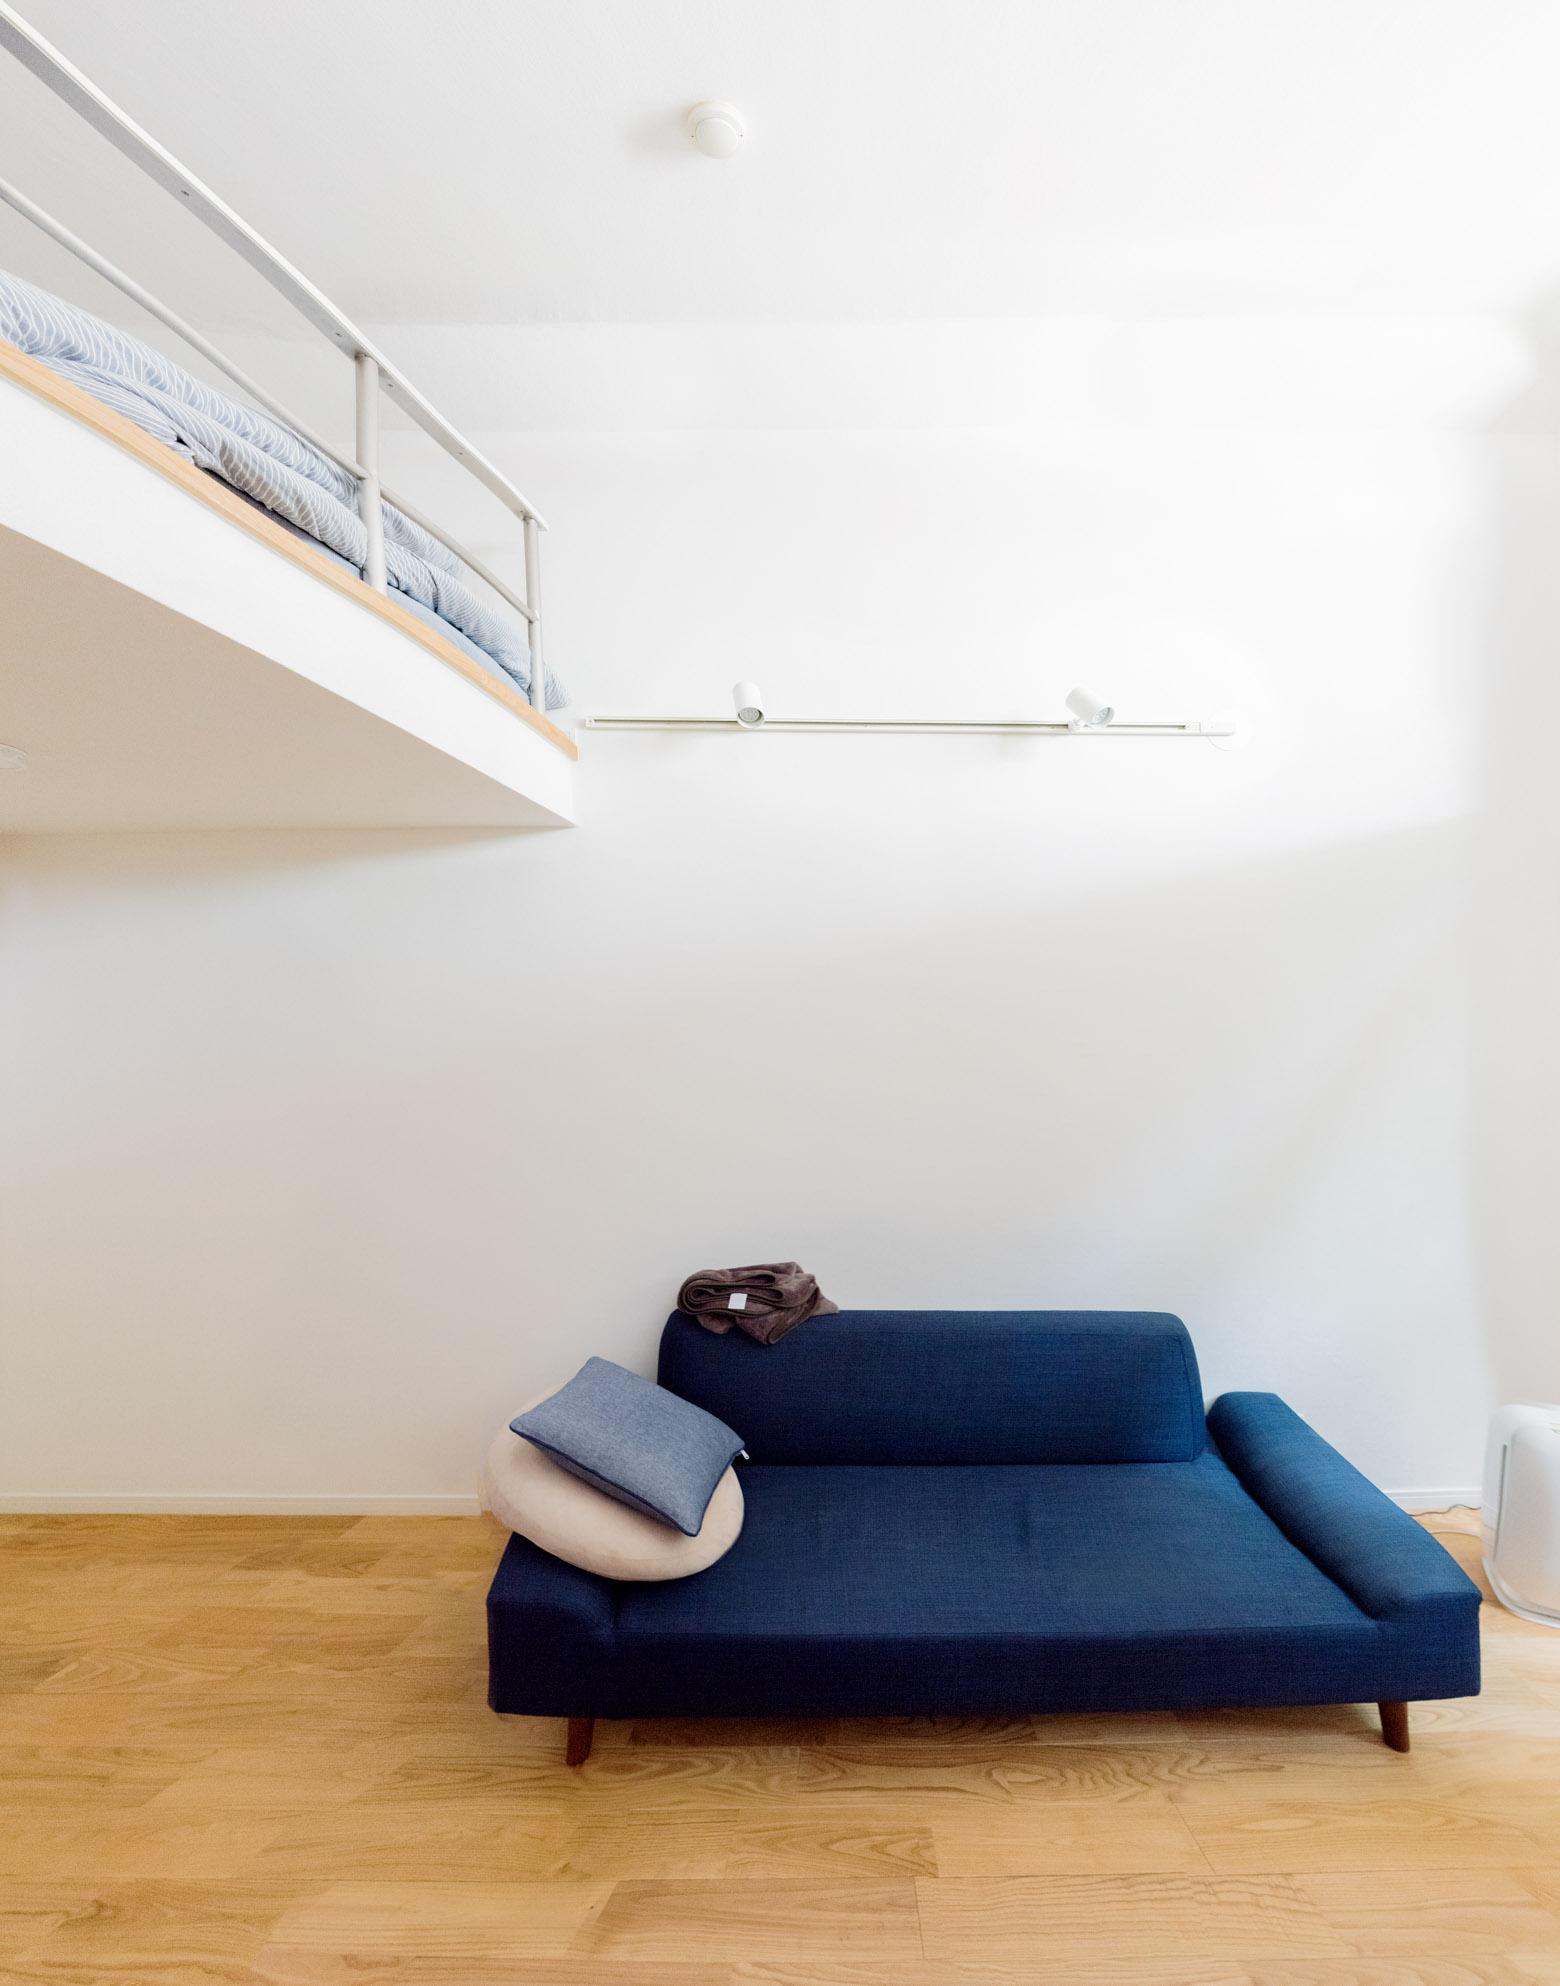 東京ワンルームで持たない暮らし男性webエンジニアの部屋 Goodroom